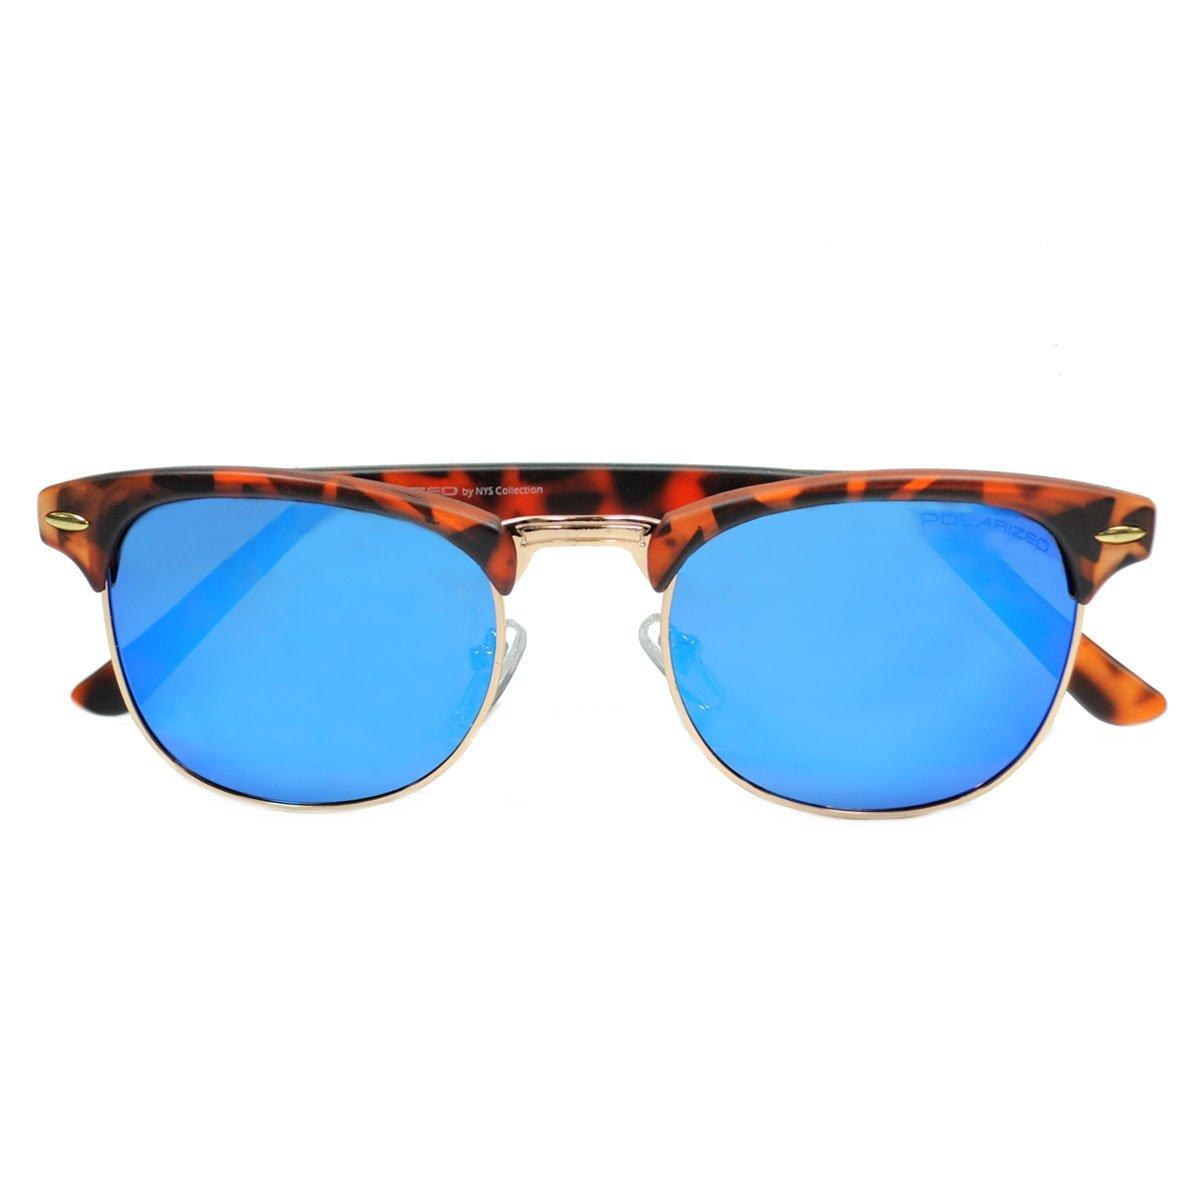 ea4648b96262f Óculos Nys Signature Polarizado 8721-22 - Compre Agora   Netshoes